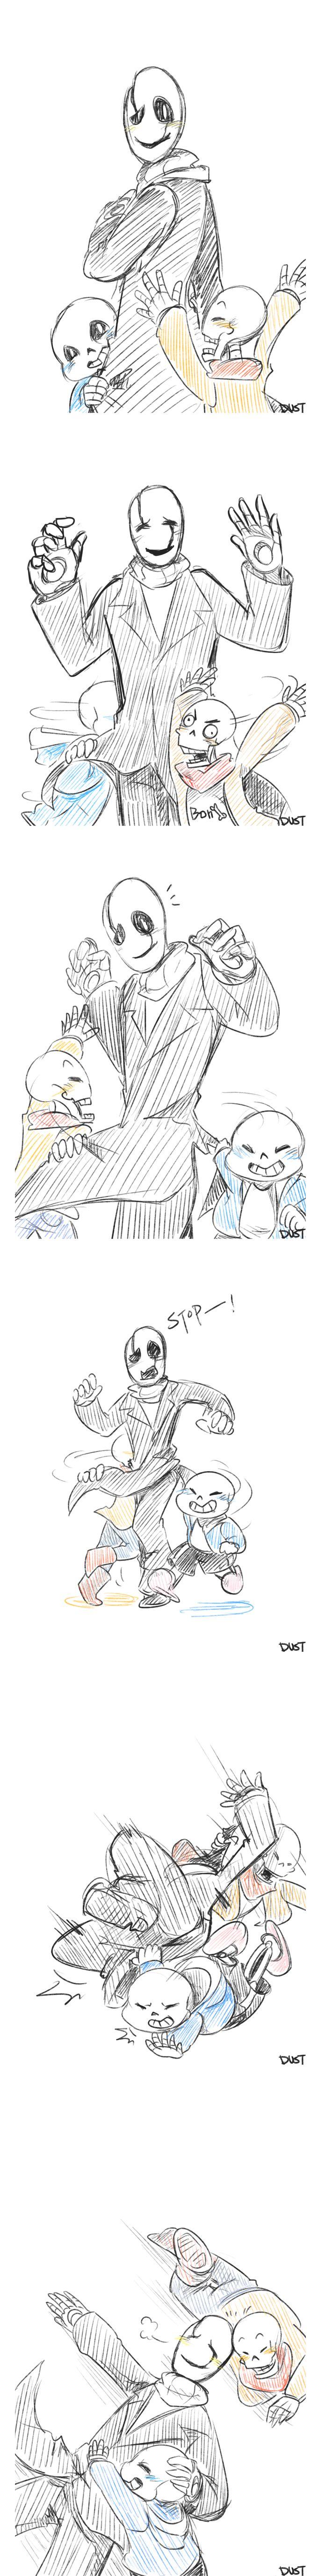 [UT] skeletonfamily2 by dust4148 on DeviantArt